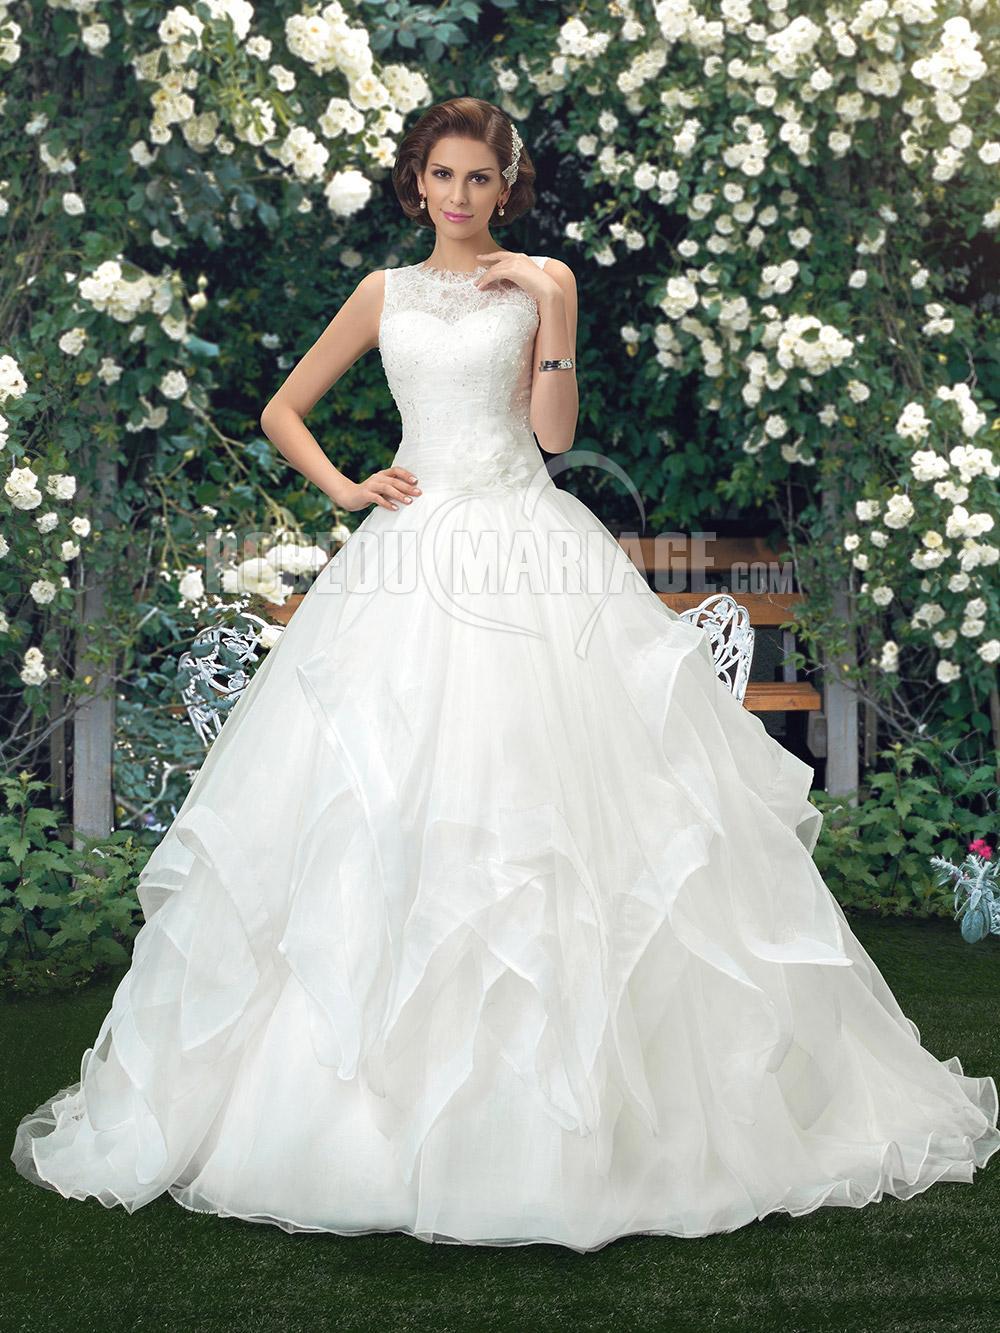 Accueil > Robe de mariage > Robe de mariée 2017 > Robe de mariée en ...